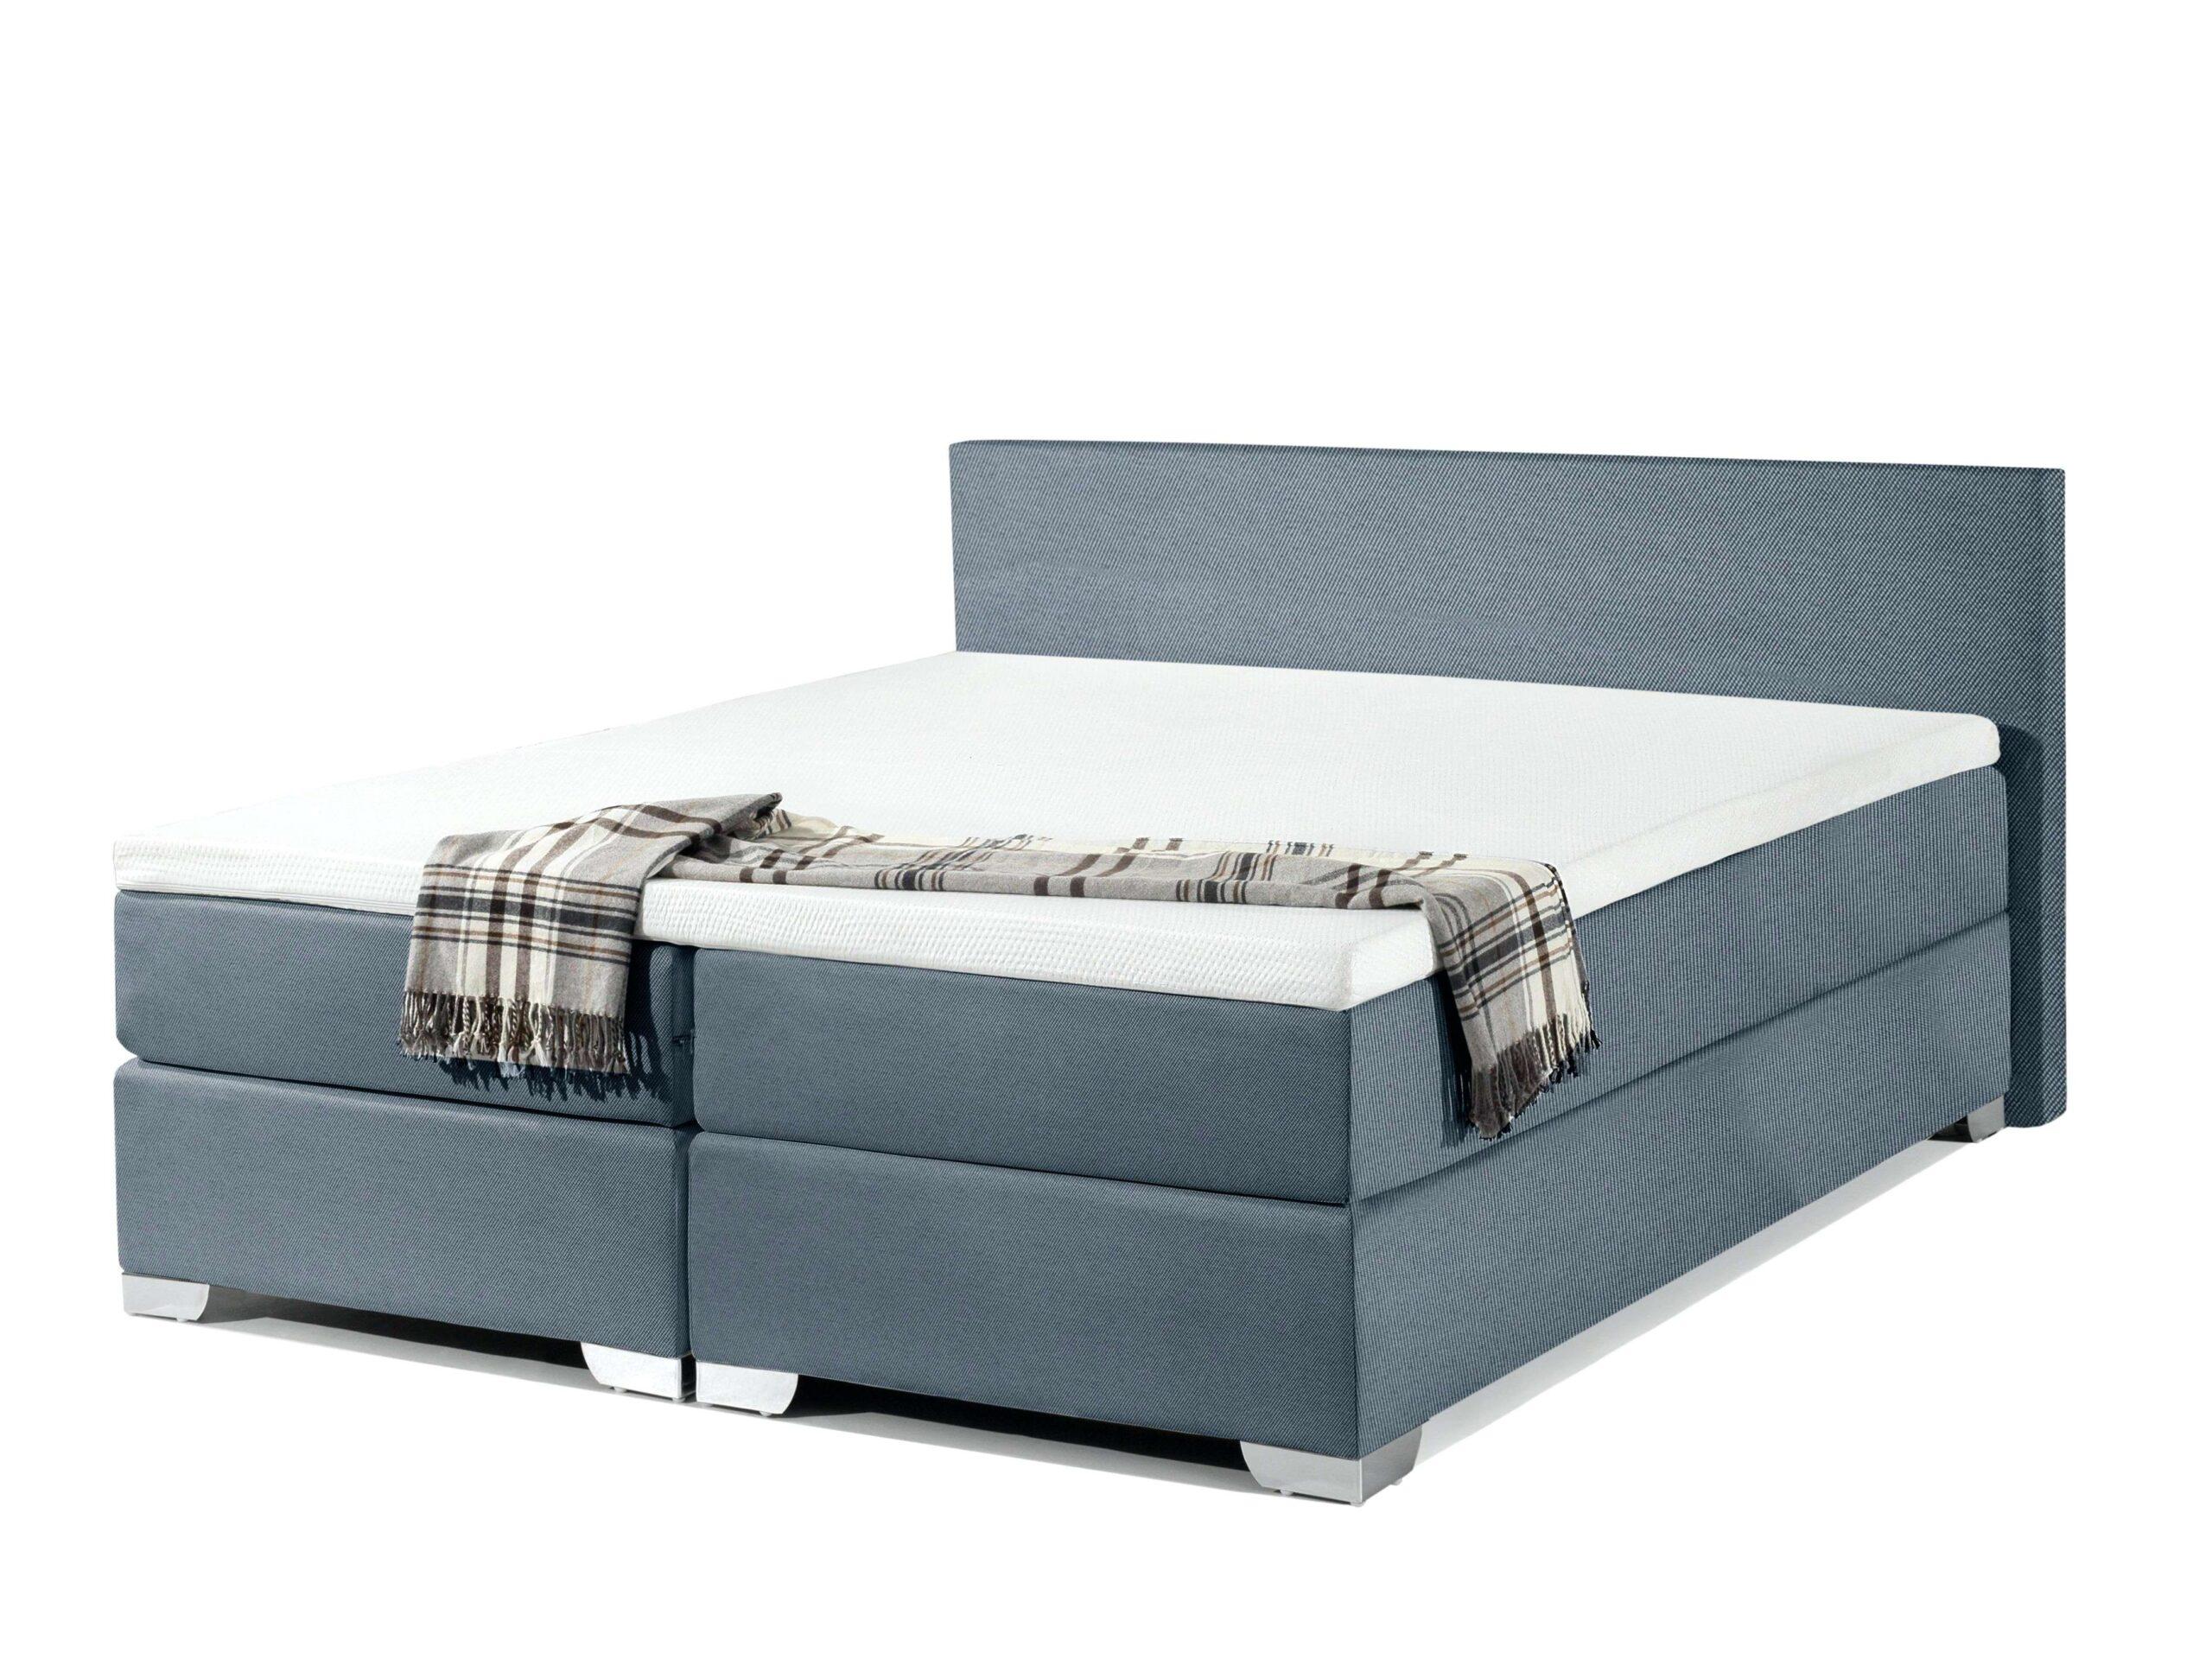 Full Size of Paar Von Verschiedenen Arten Bei Poco Big Sofa Bett 140x200 Küche Betten Schlafzimmer Komplett Wohnzimmer Kinderbett Poco